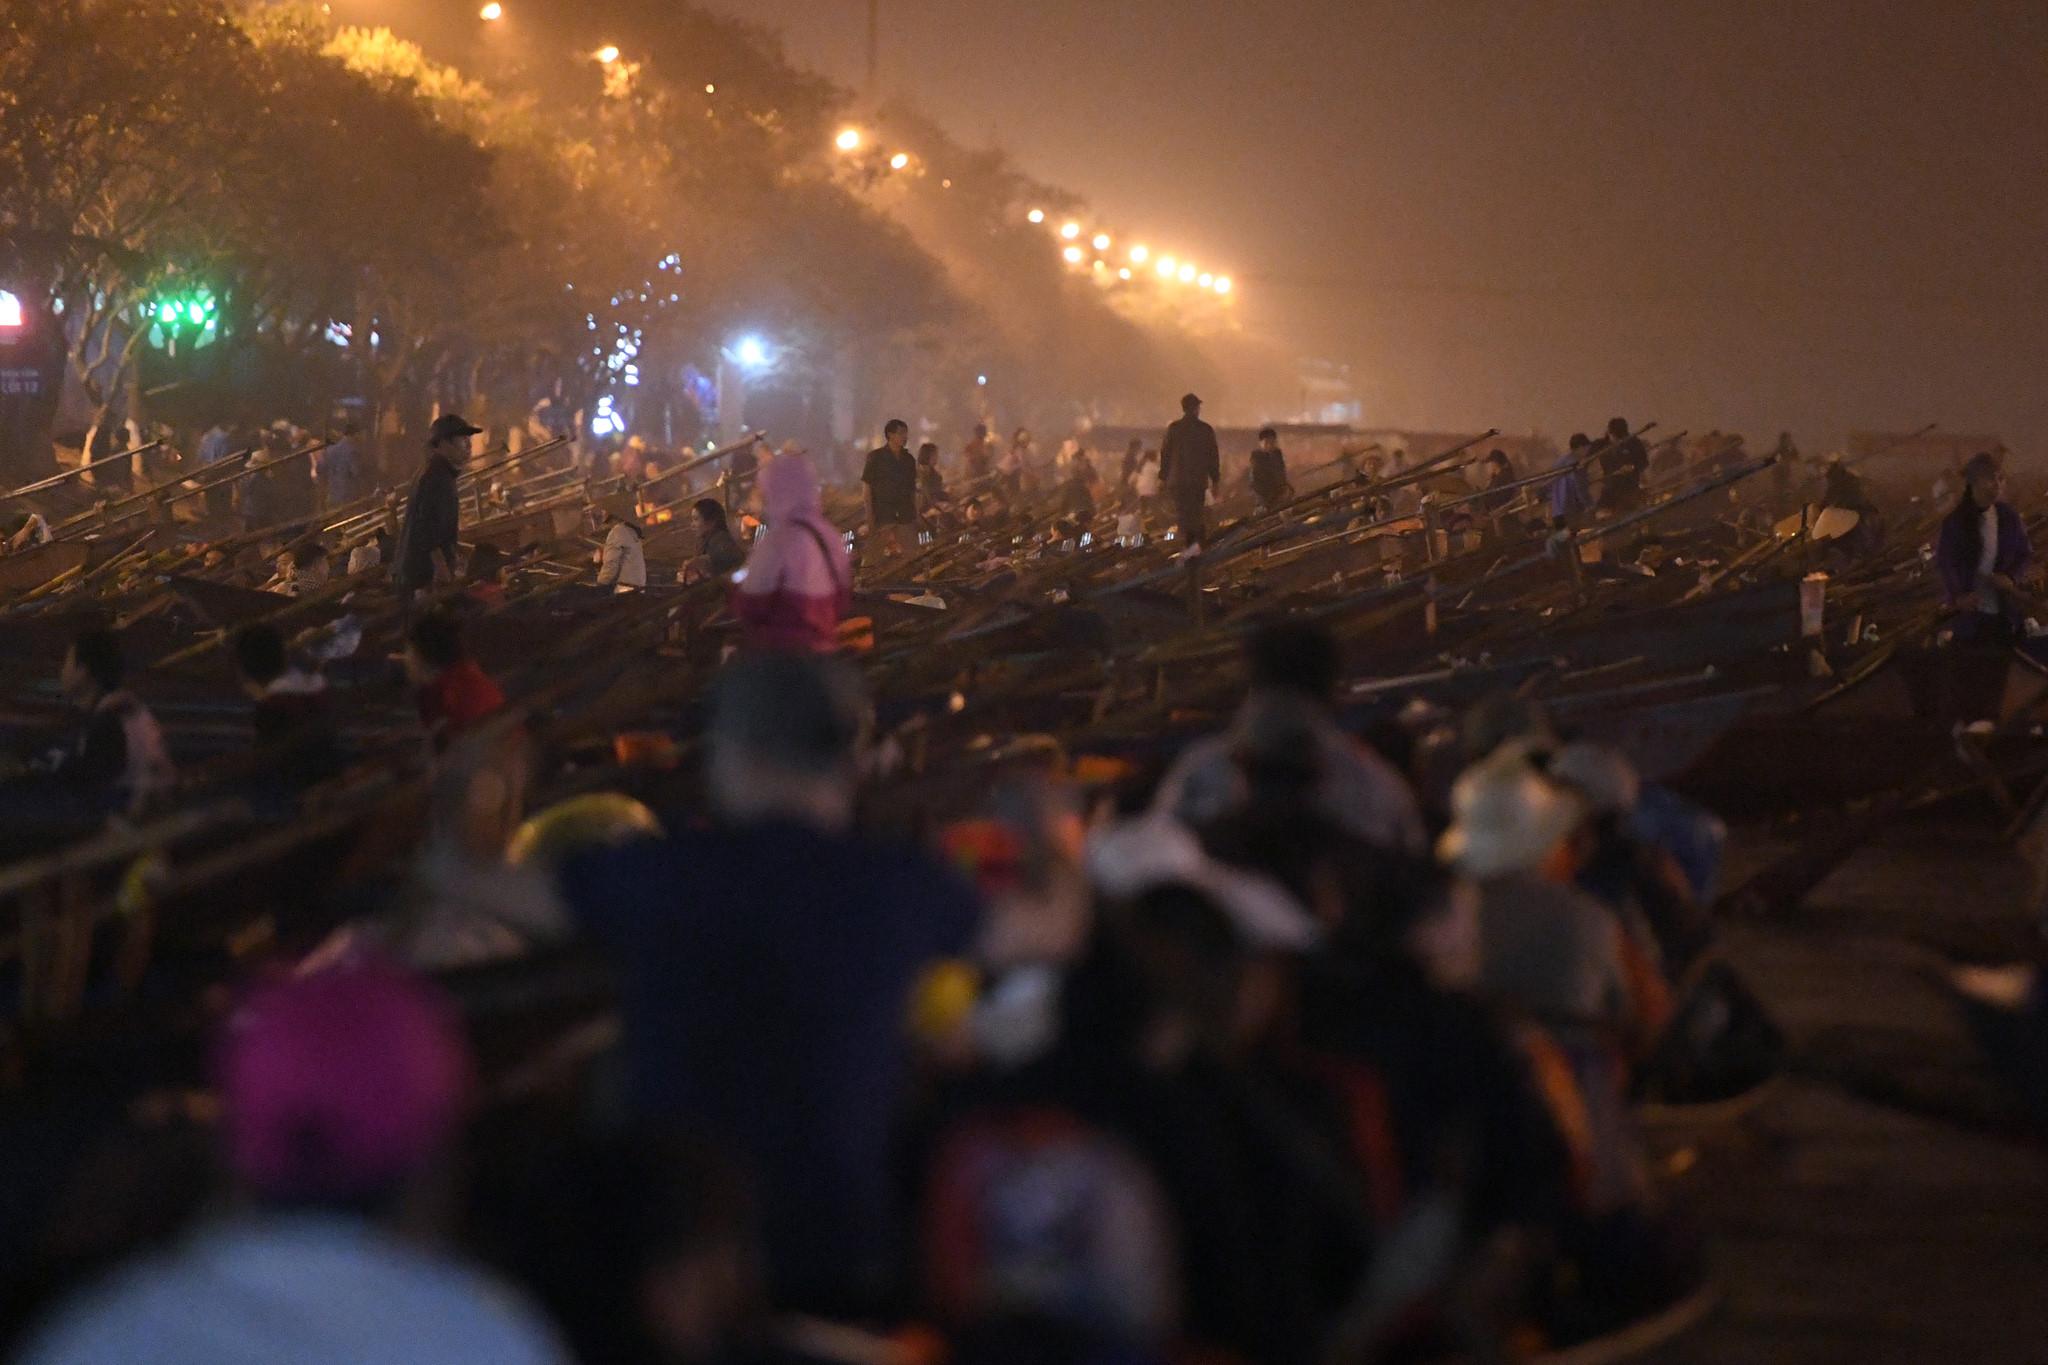 Hàng nghìn người trẩy hội chùa Hương trong đêm